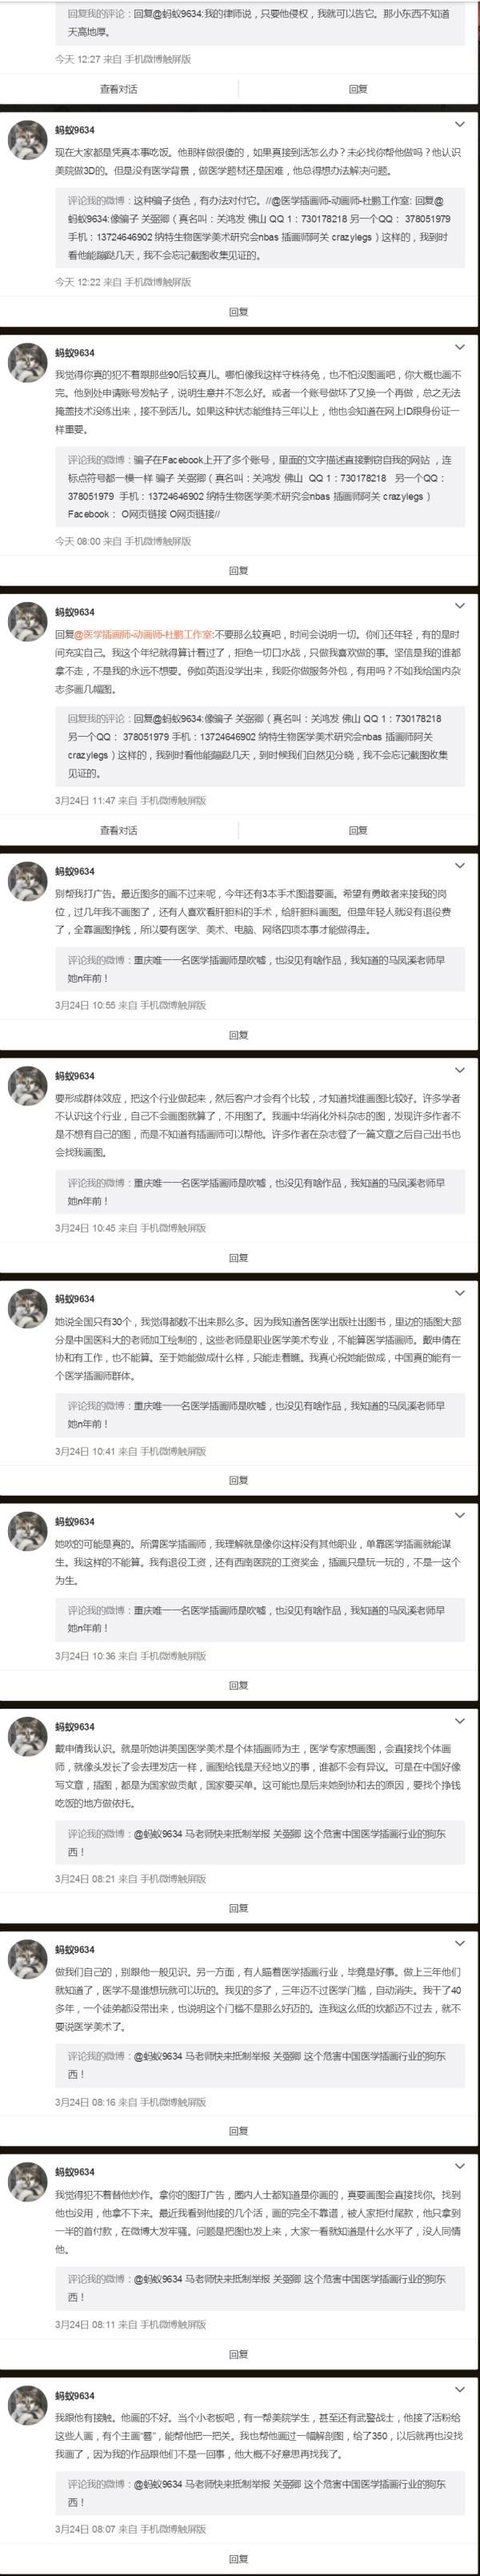 看医学插画师前辈 马凤溪老师 对骗子的总结